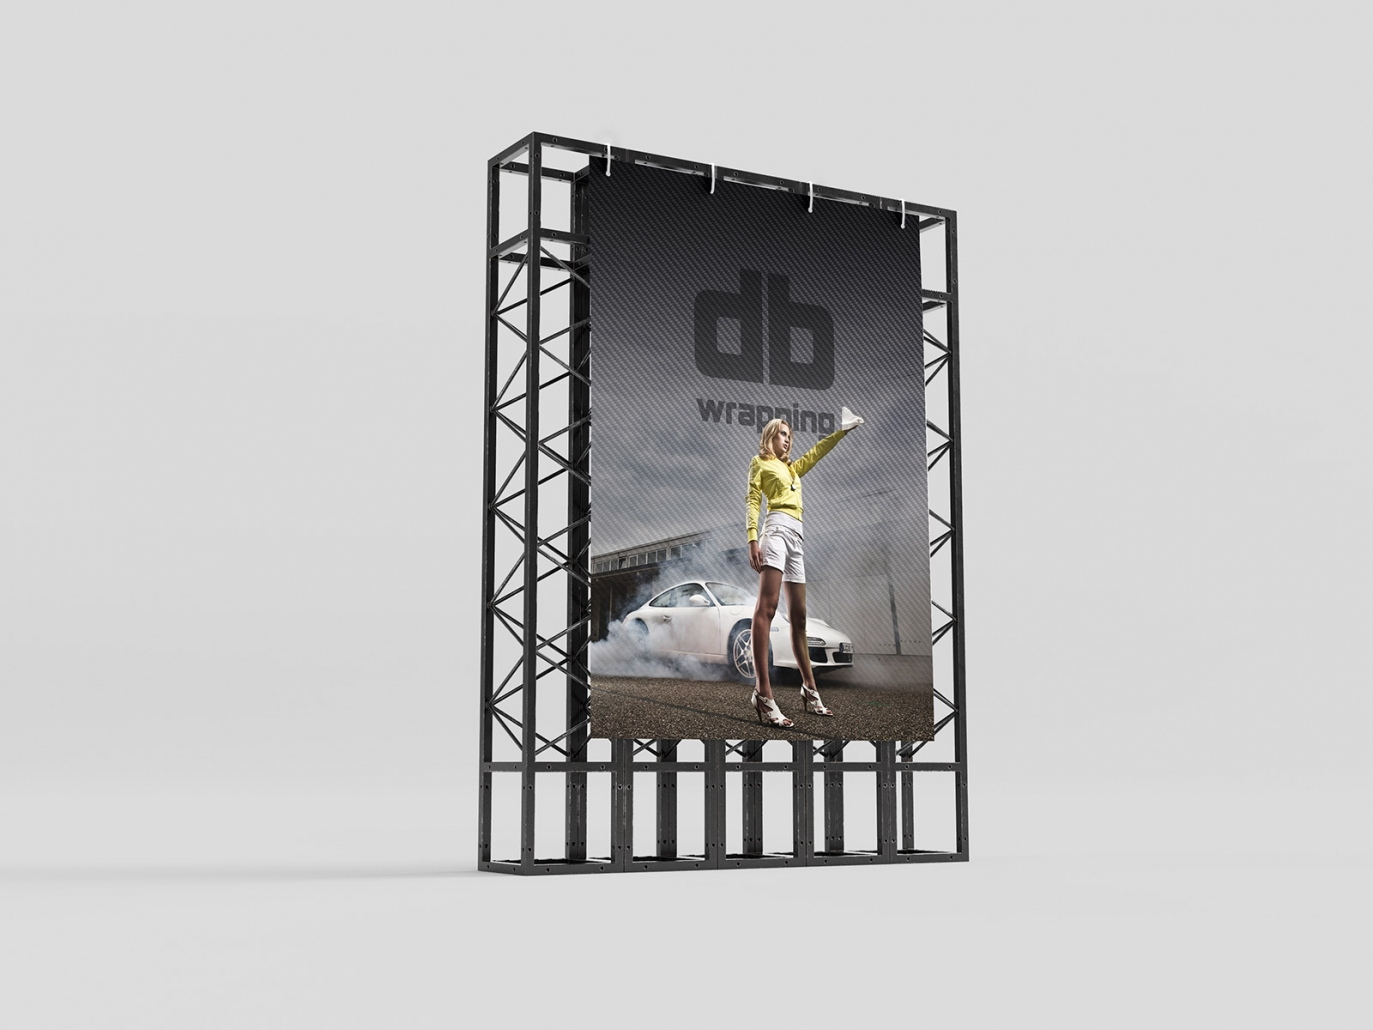 Banner für db wrapping